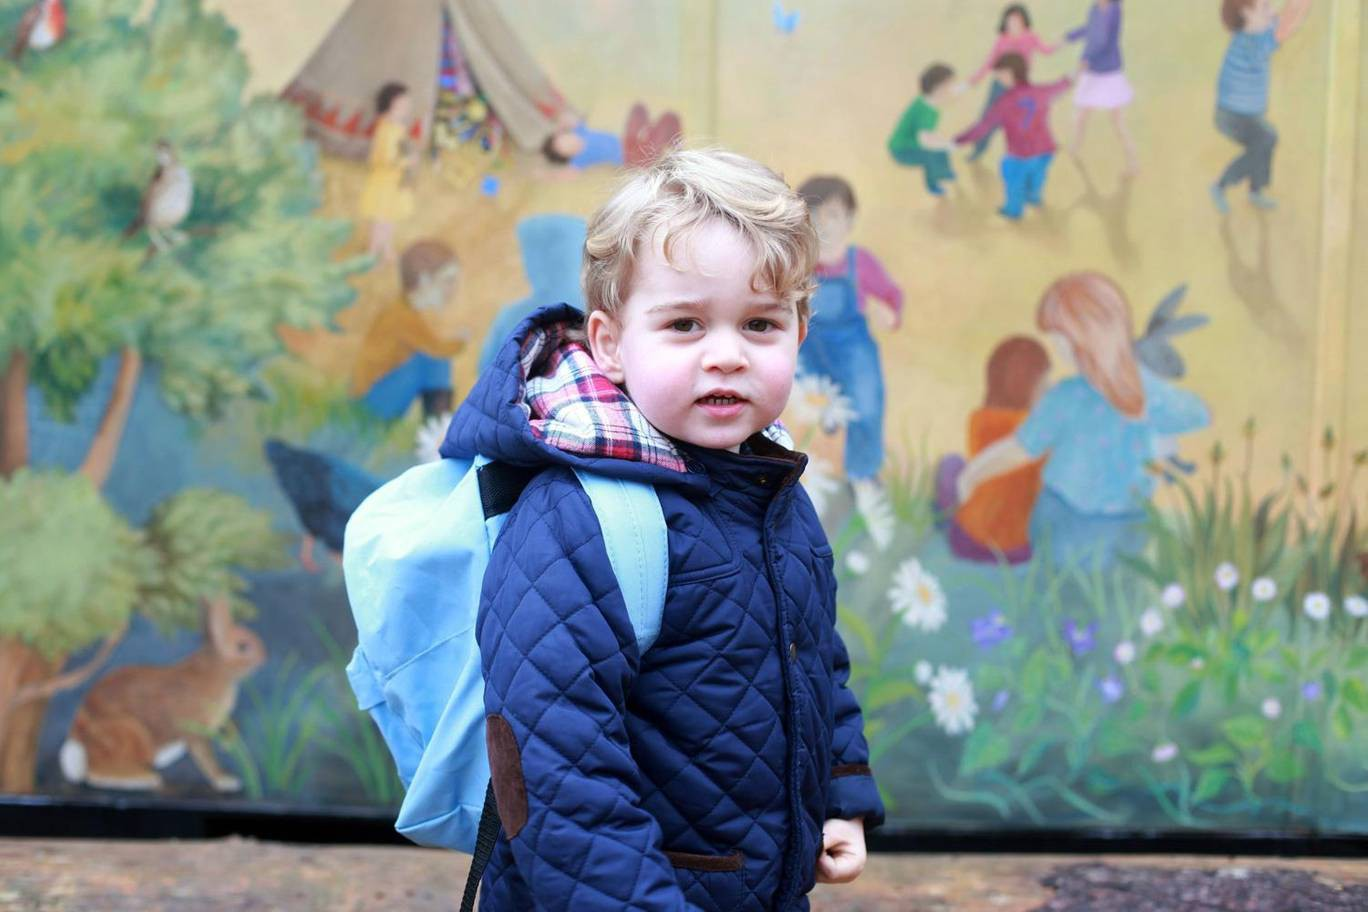 Hơn 40 bức ảnh ghi lại những khoảnh khắc cực đáng yêu cho thấy hành trình lớn lên của Hoàng tử George trong 5 năm đầu đời - Ảnh 15.